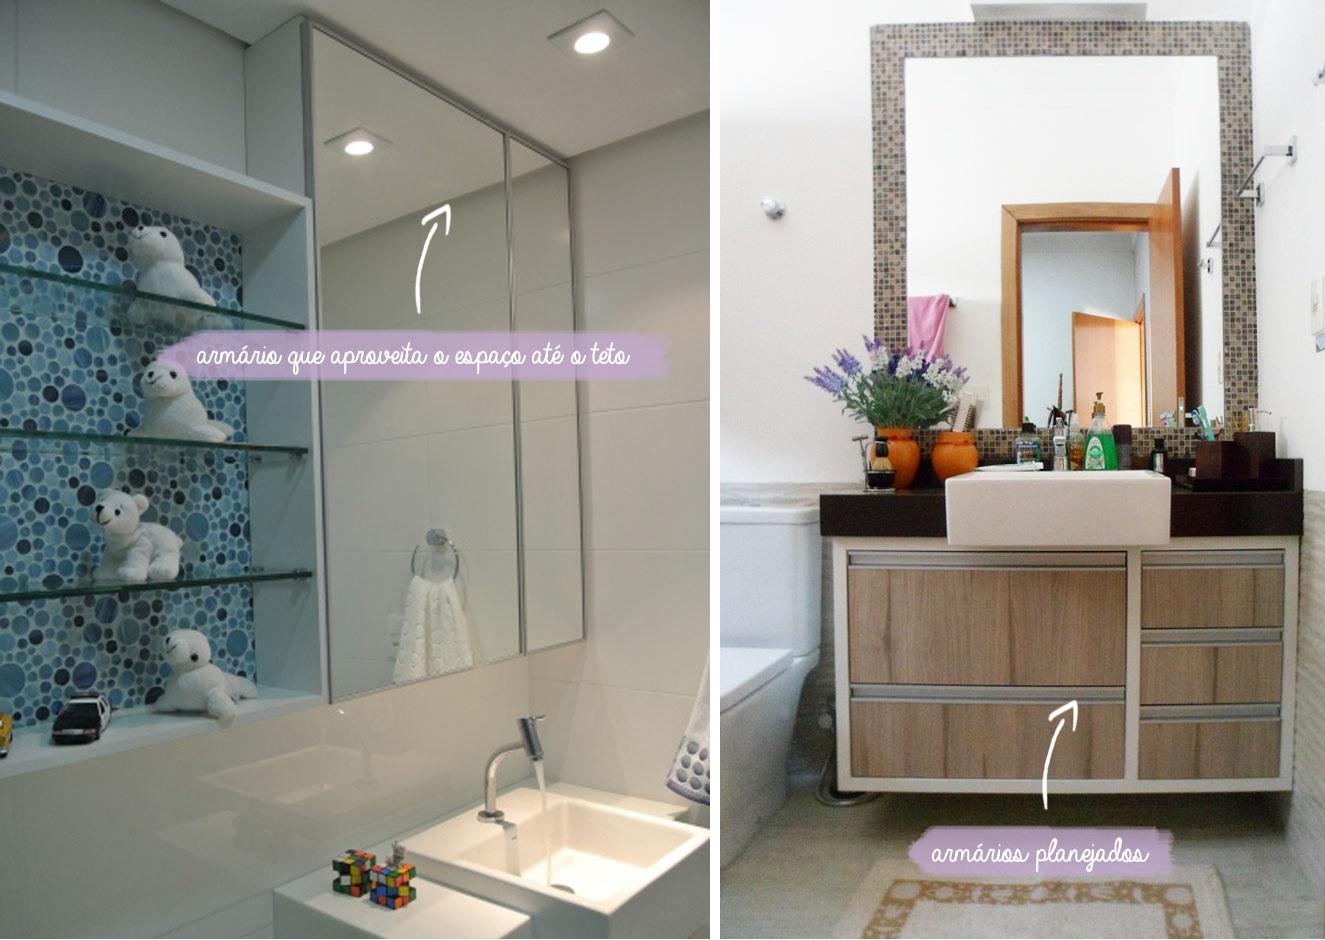 banheiros pequenos planejados banheiros pequenos banheiros pequenos #6C4A31 1325x940 Banheiro Com Porcelanato Concreto